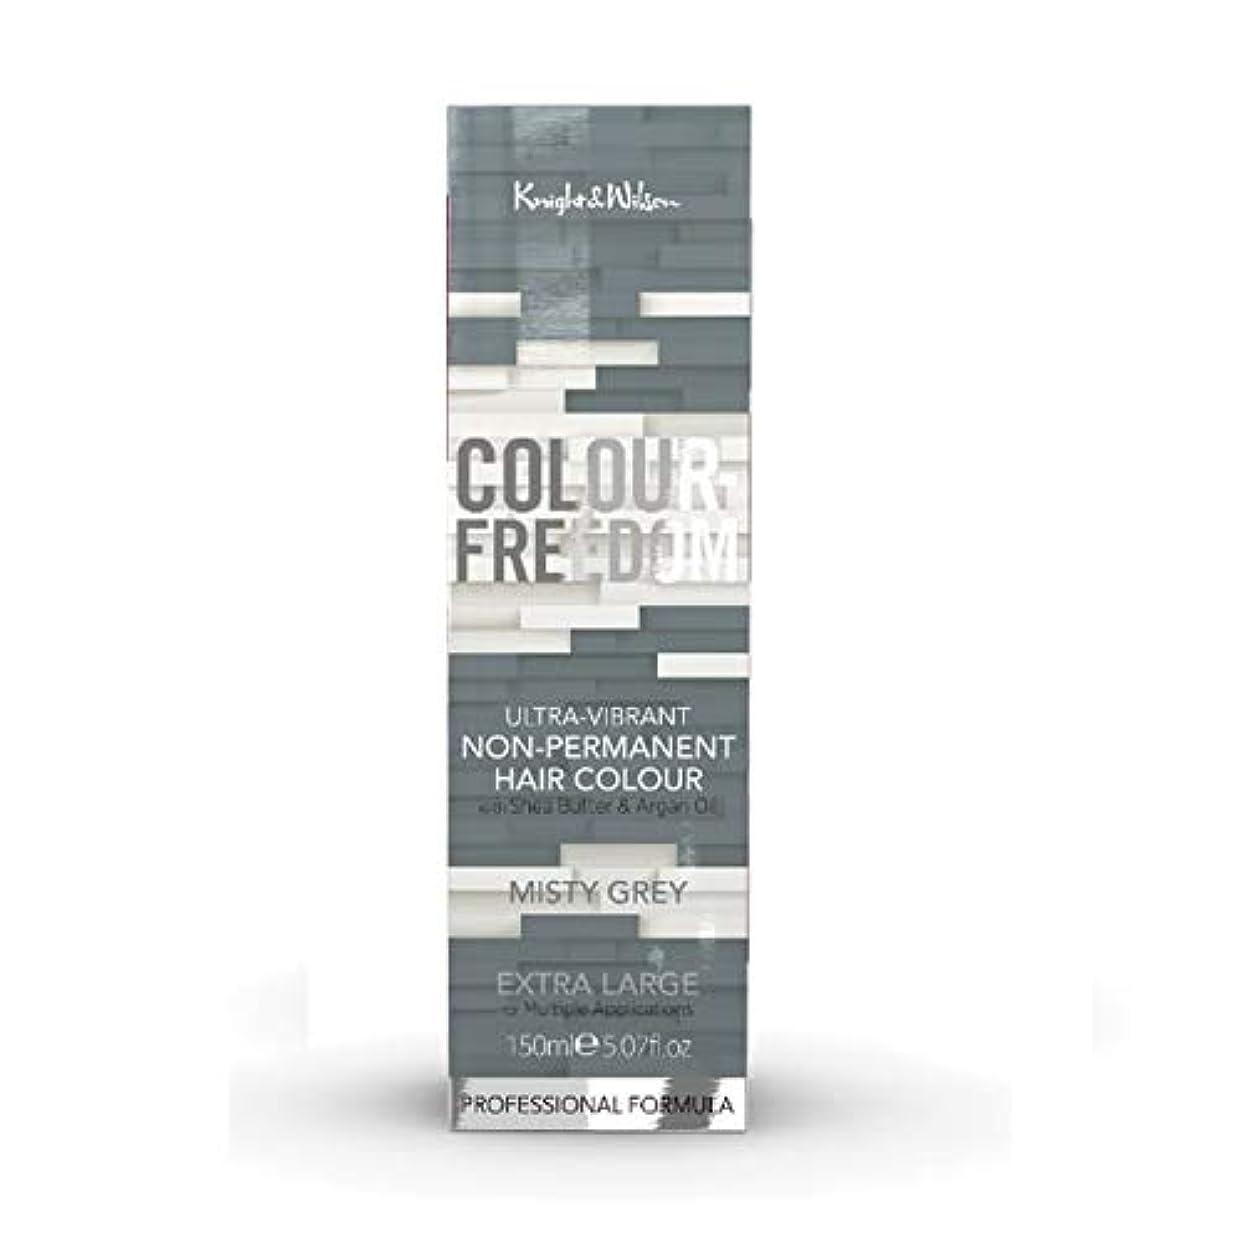 効果的火星不承認[Colour Freedom ] 色の自由度が717グレーミスティ - Colour Freedom Misty Grey 717 [並行輸入品]